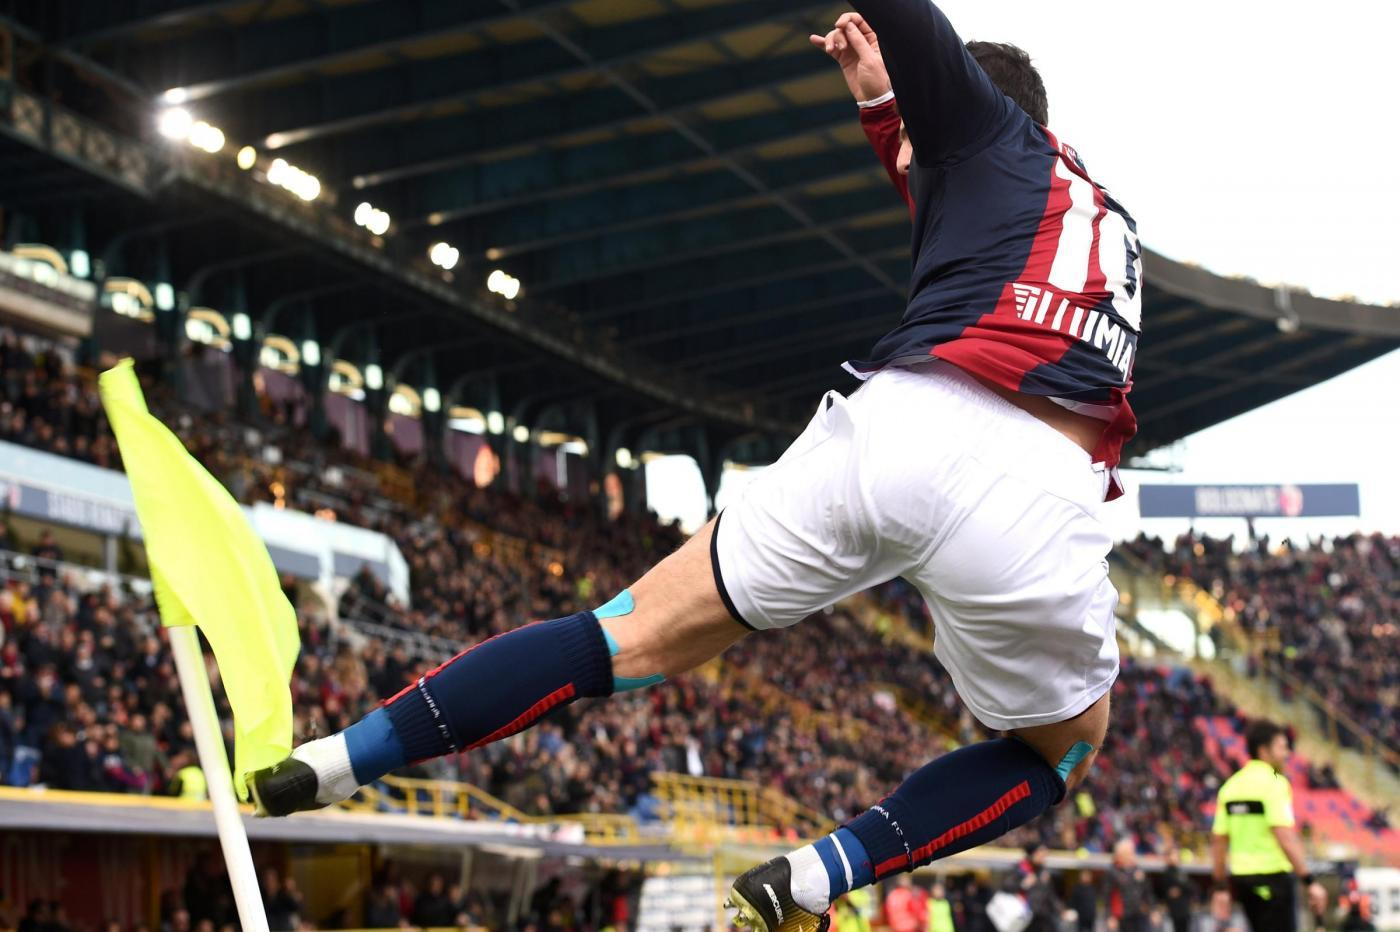 ella 21ª giornata di Serie A rialza la testa il Bologna superando il Benevento che torna alla sconfitta dopo due successi consecutivi. I primi due gol sono in fotocopia: Destro (35') e De Maio (73') superano Belec sfruttando due piazzati di Verdi che tagliano fuori la difesa sannita. Nel finale Dzemaili (88'), ancora su assist di Verdi, si regala il gol al ritorno in rossoblù firmando il definitivo 3-0.<br /><br />